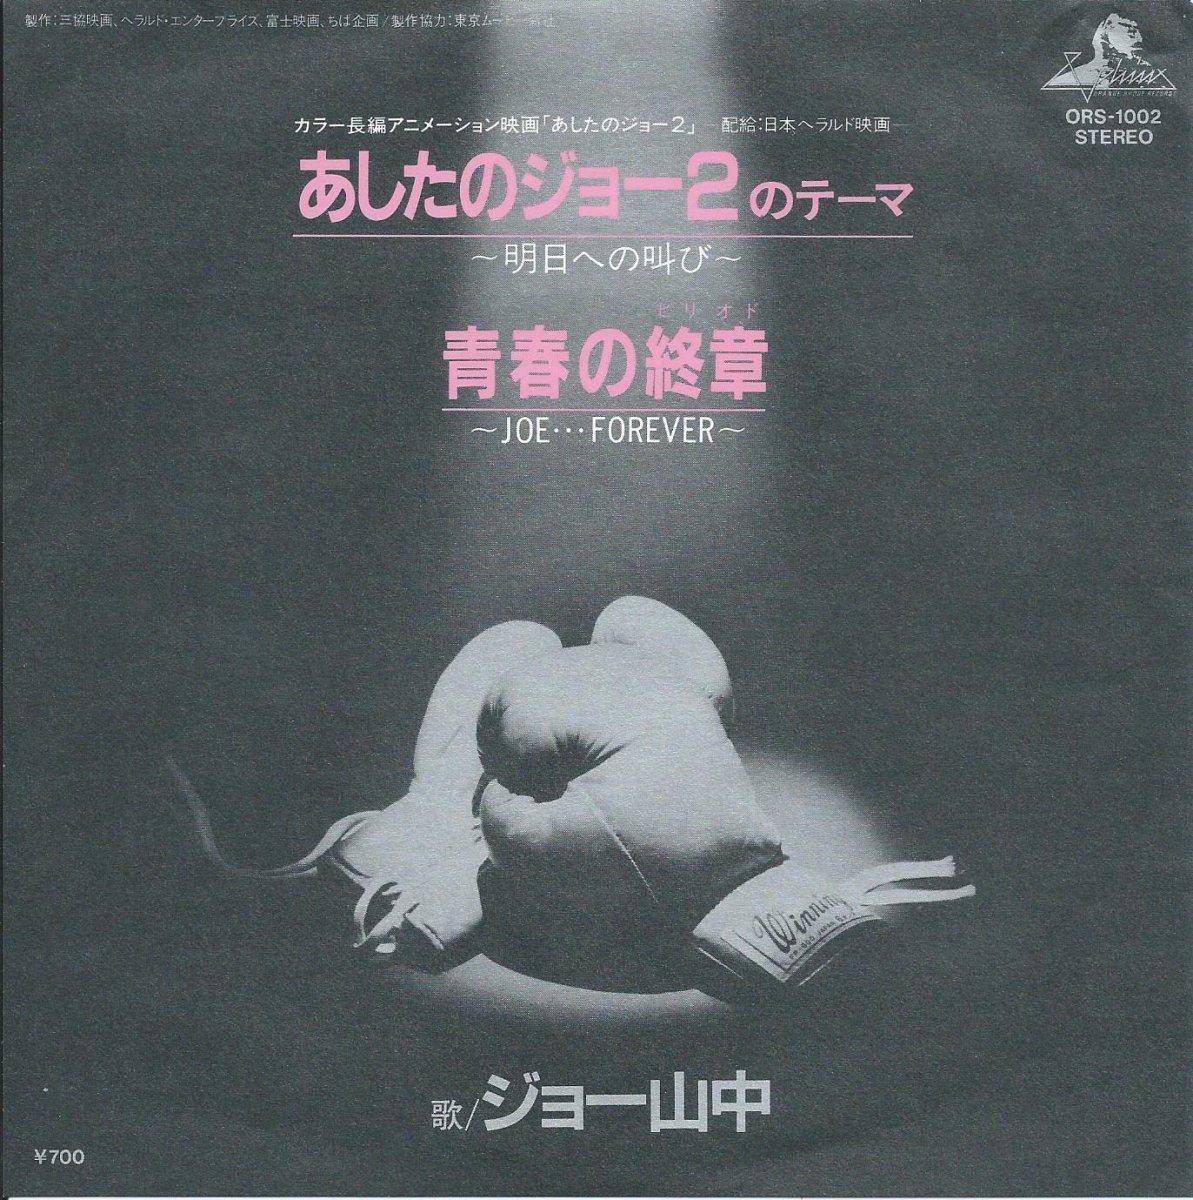 ジョー山中 JOE YAMANAKA / あしたのジョー2のテーマ〜明日への叫び〜 (7